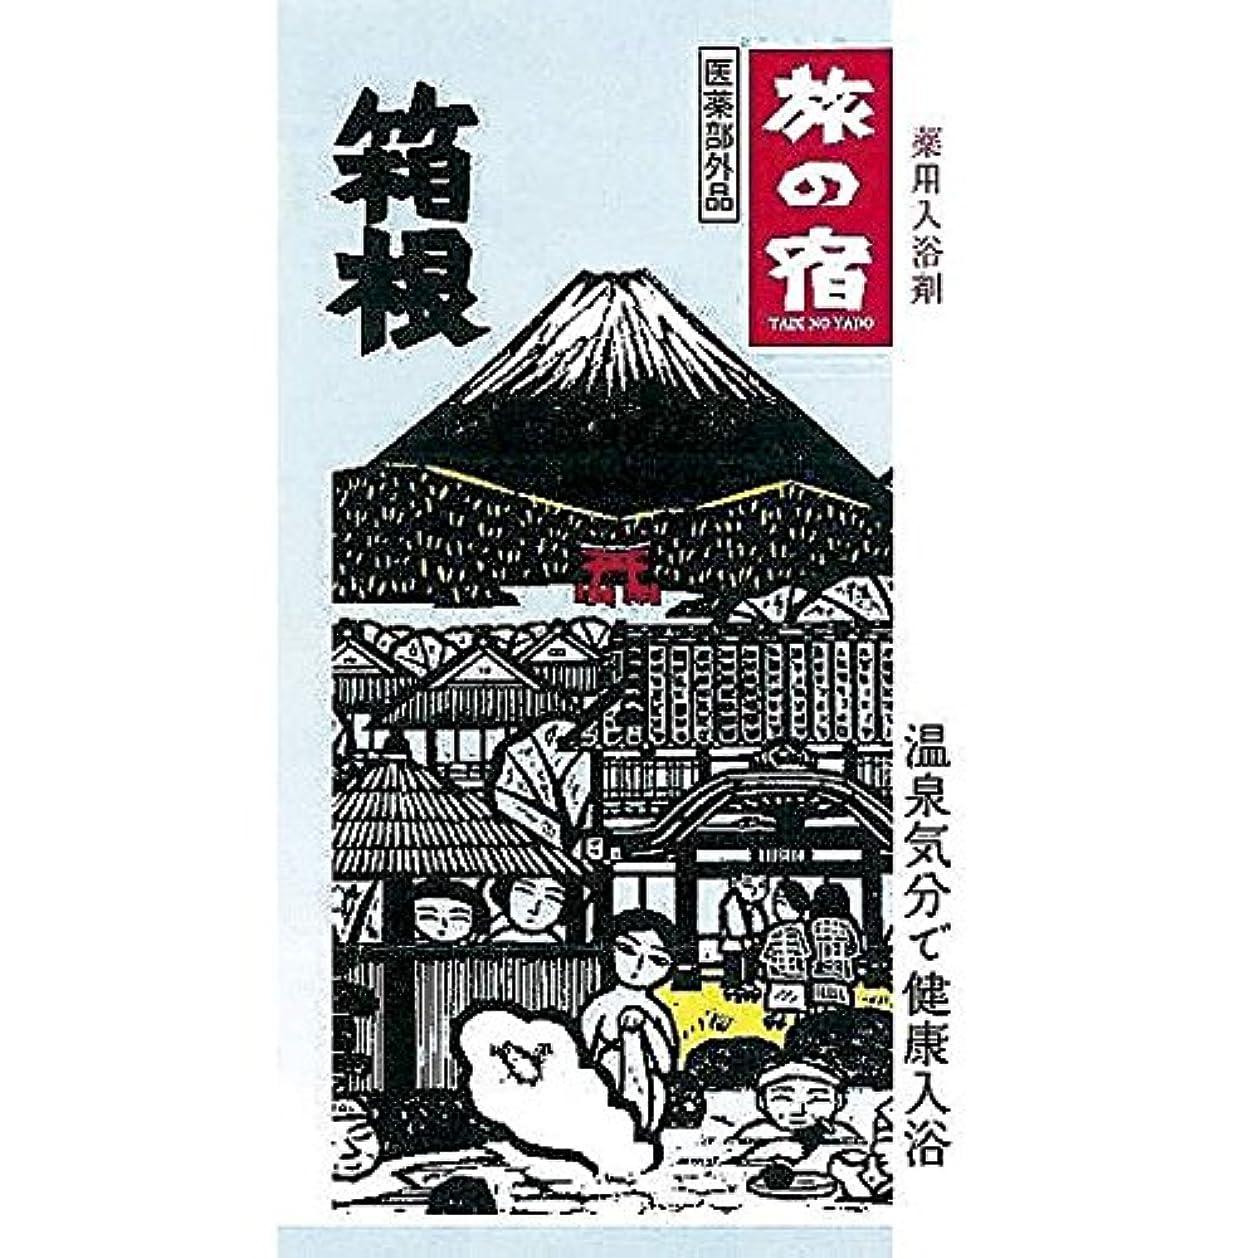 インレイ無関心寮クラシエ 旅の宿 分包(1P) 箱根 80686 (B525-06)